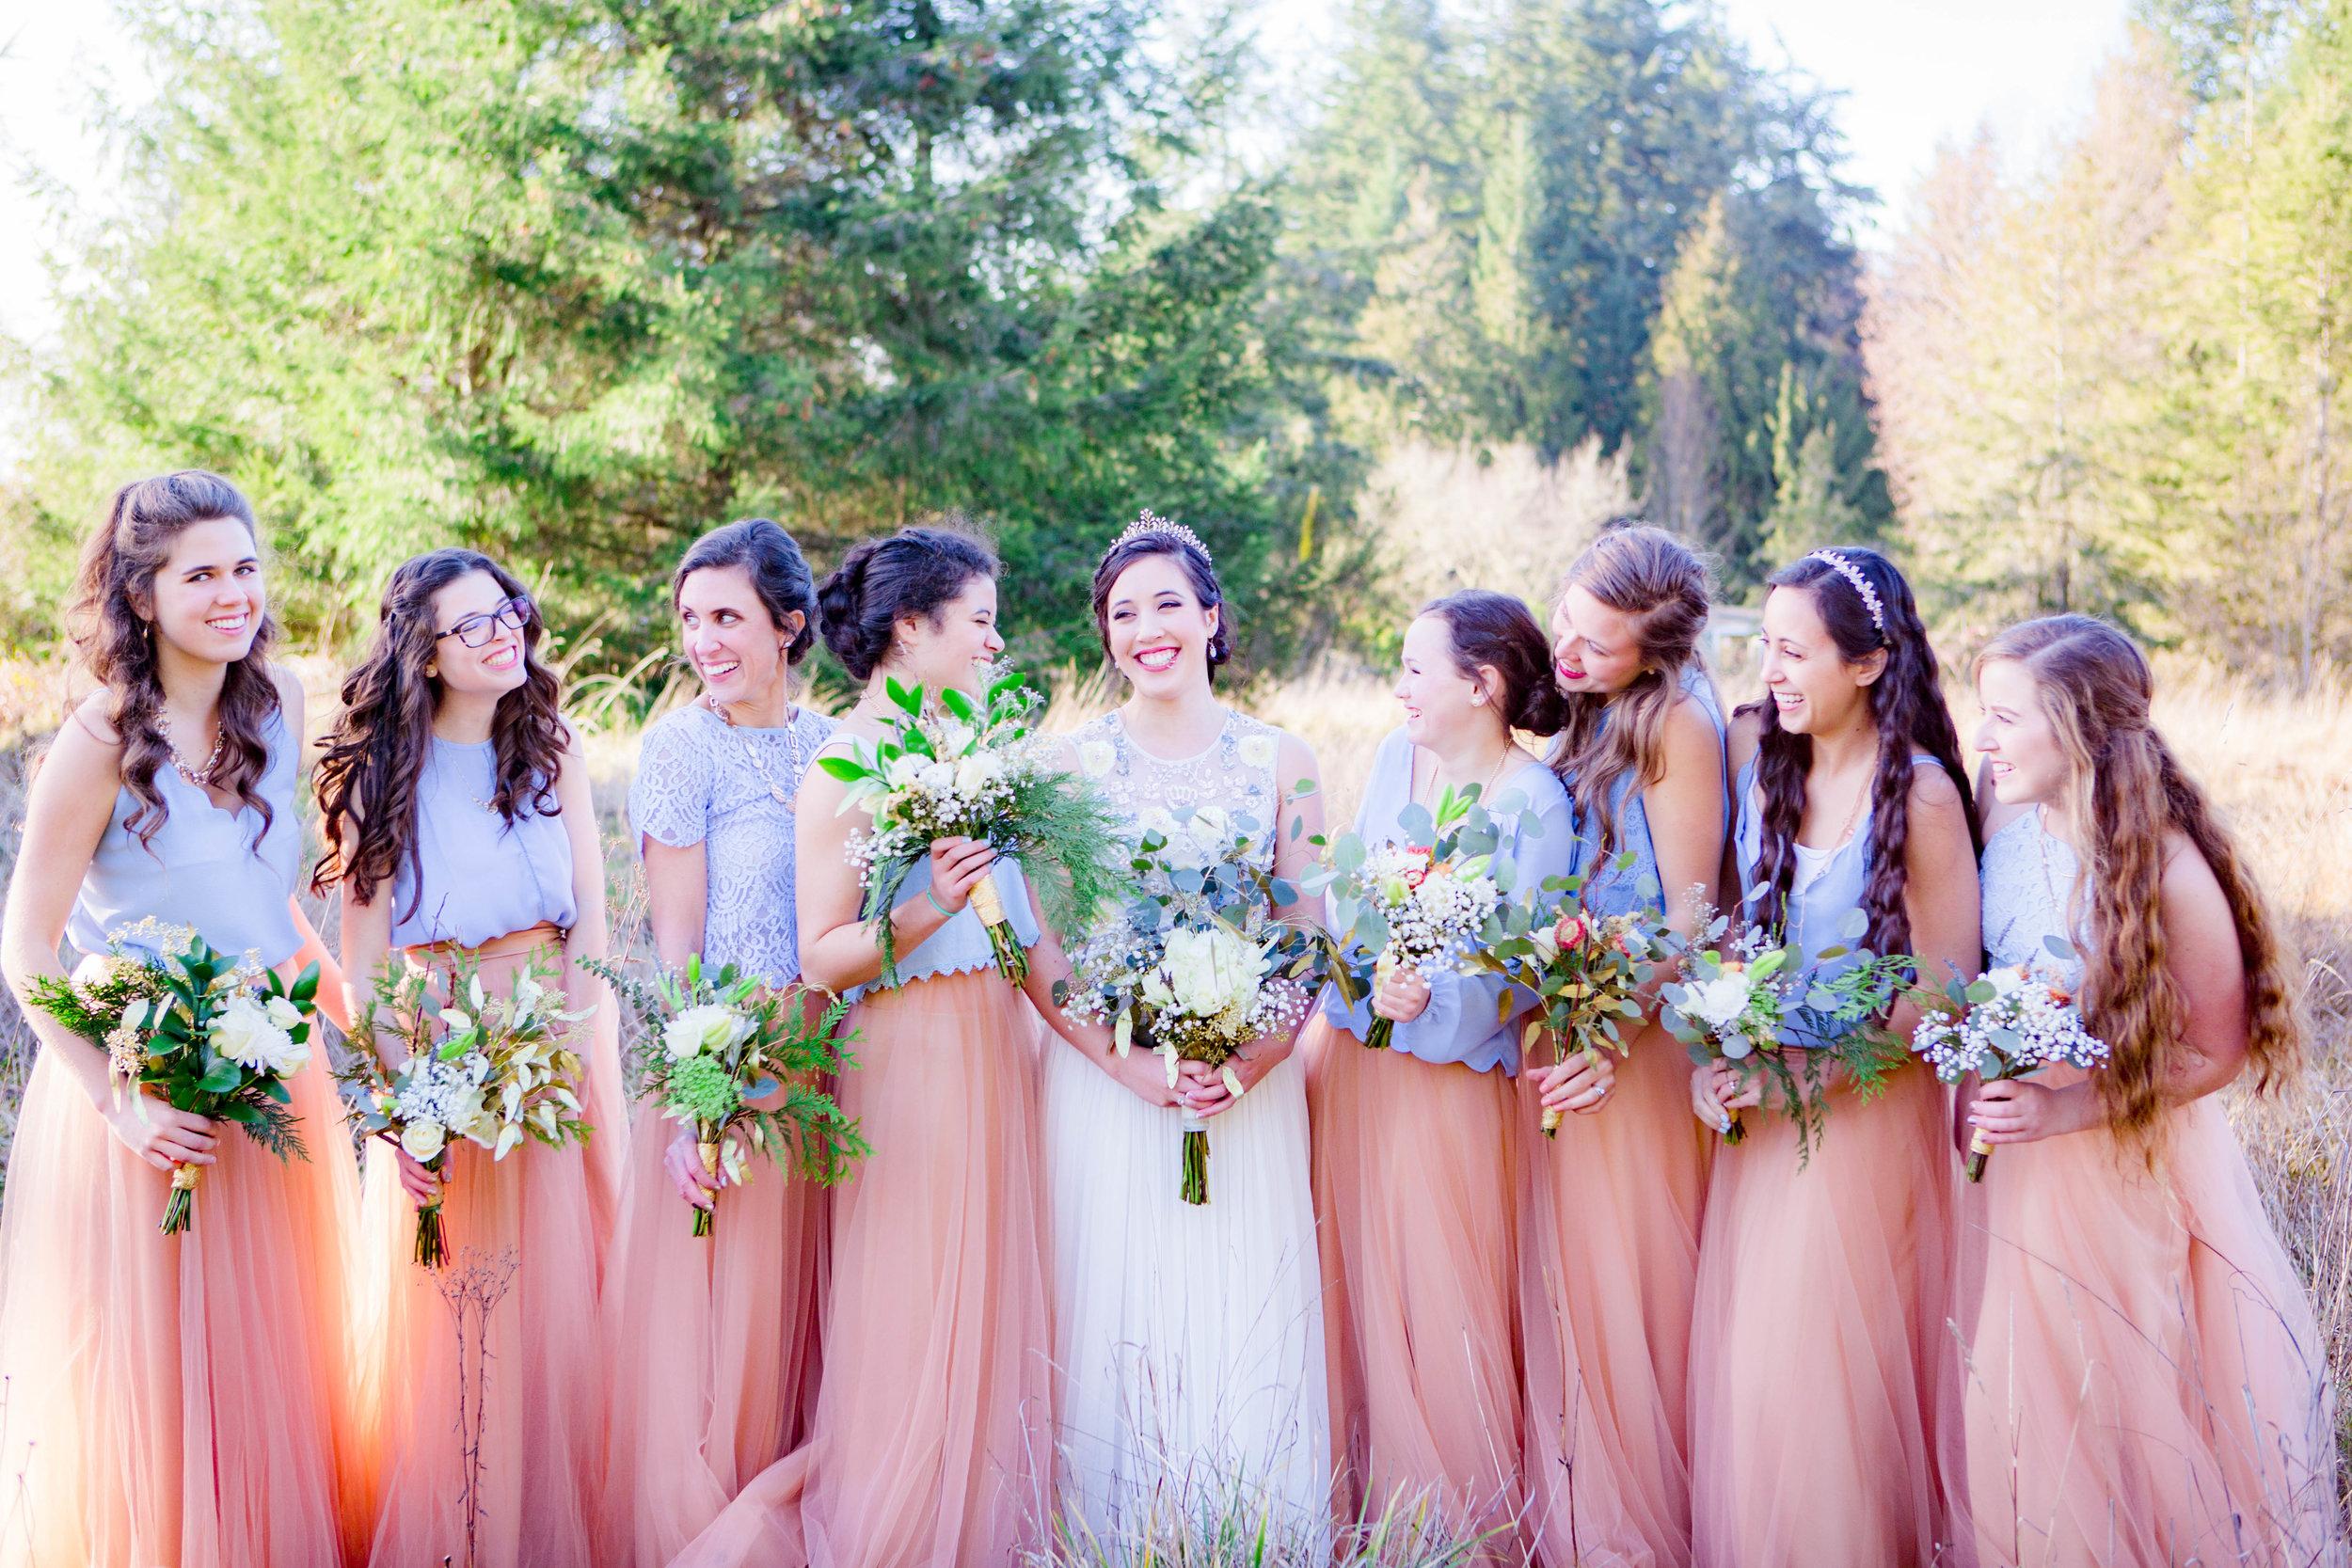 Bridal Party, Bridesmaids Photo